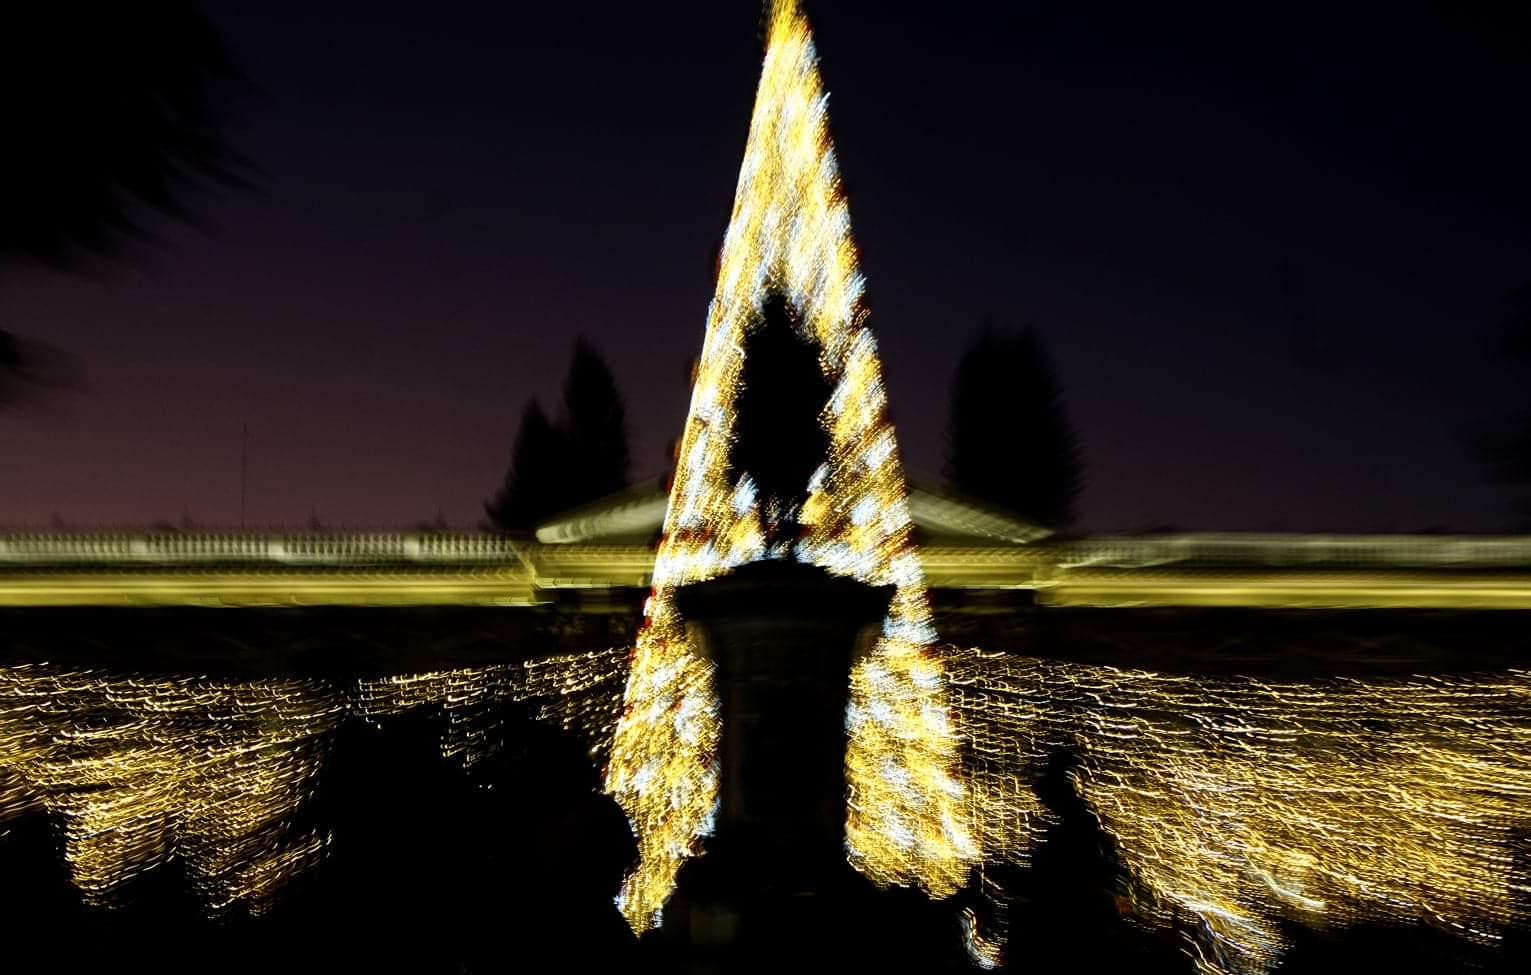 La navidad en el mundo significa el nacimiento de Jesús en belén, pero siempre se tienen interrogantes o no está muy claro cuando nació, unos dicen que fue 24 o 25 de diciembre, en fin lo importante es recordar y celebrar ese día.